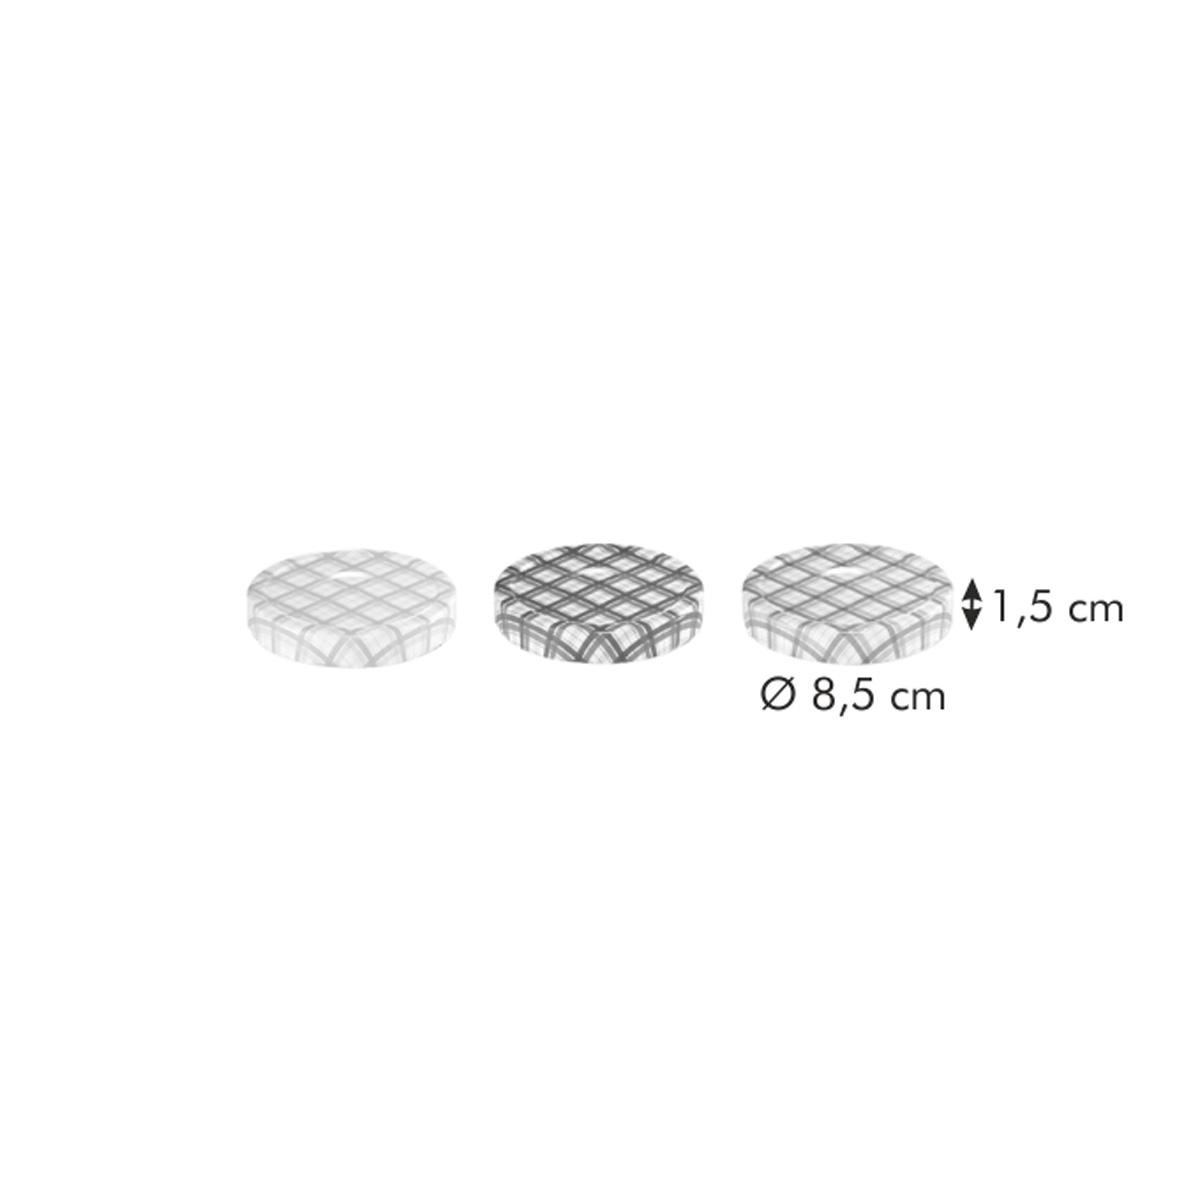 Víčka pro sklenice TESCOMA DELLA CASA 400 a 700 ml, 3 ks